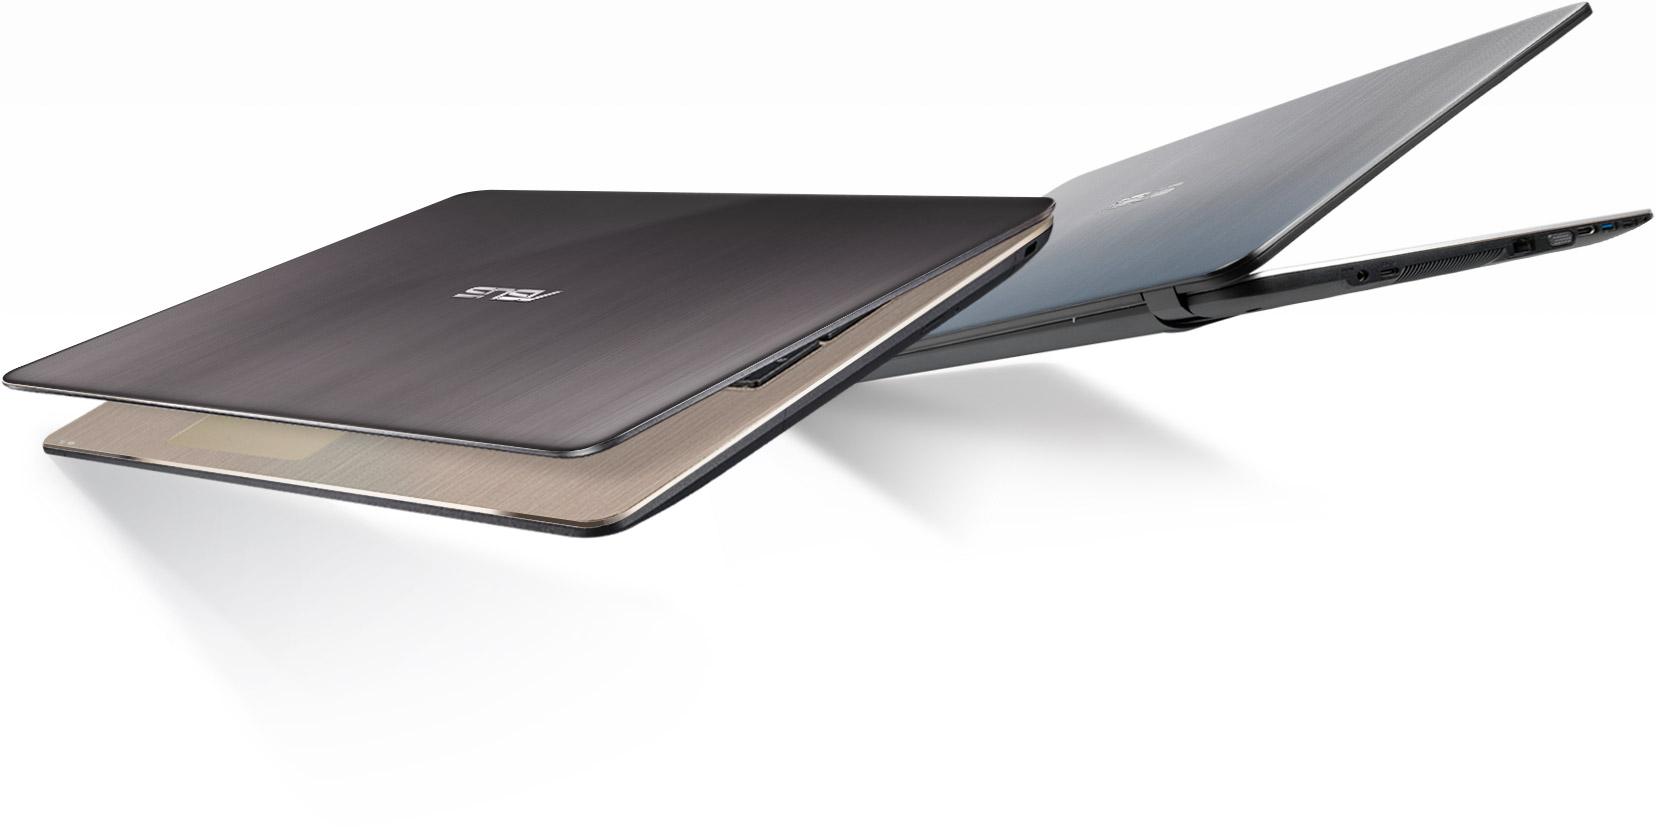 Asus VivoBook X540SA-XX577T